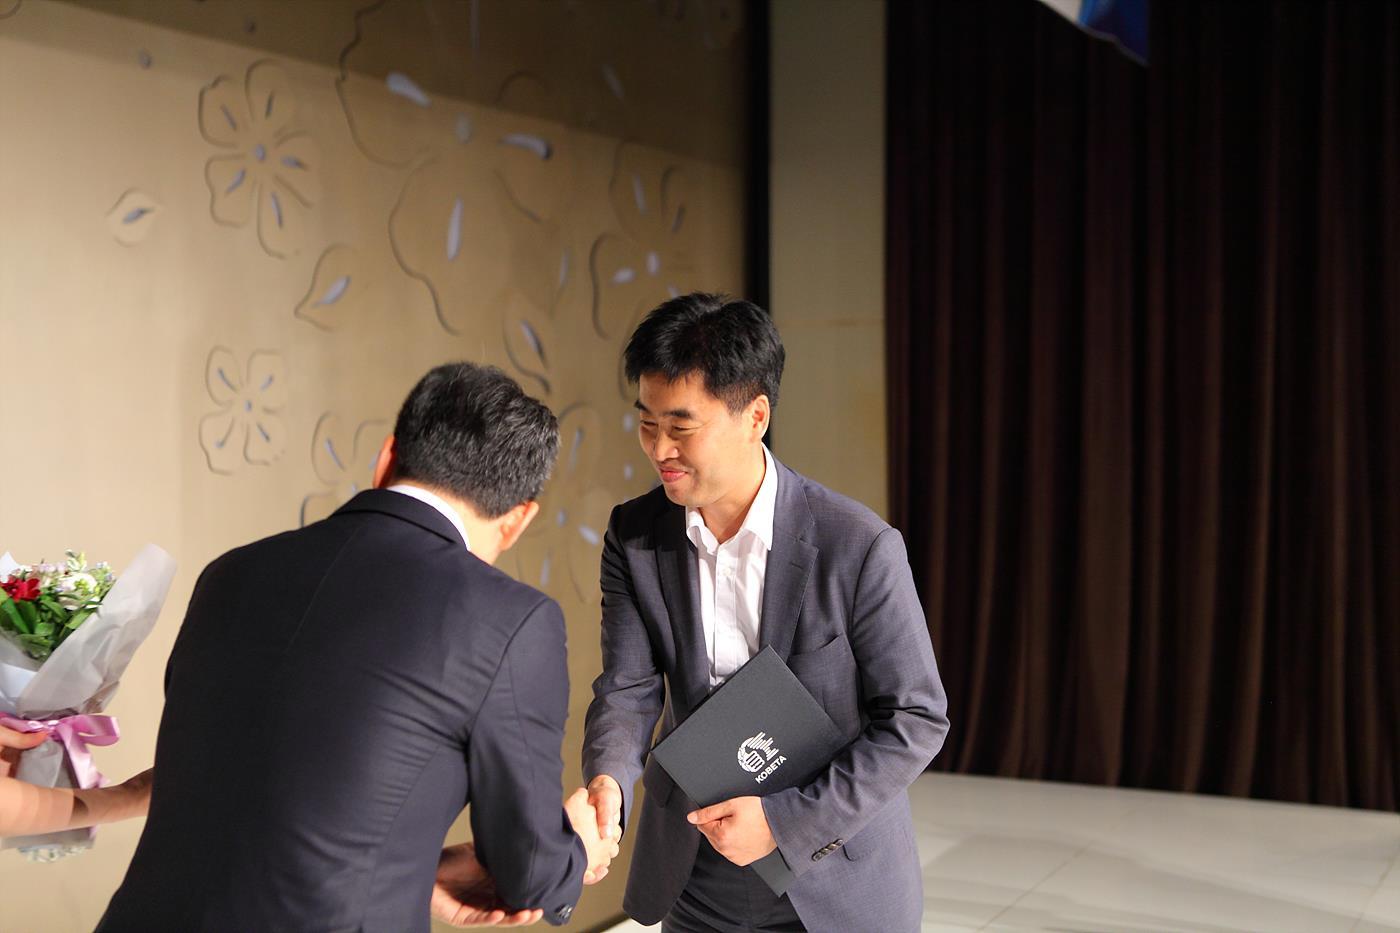 연합회 집행부 대표로 공로패를 수상 중인 박종인 사무처장